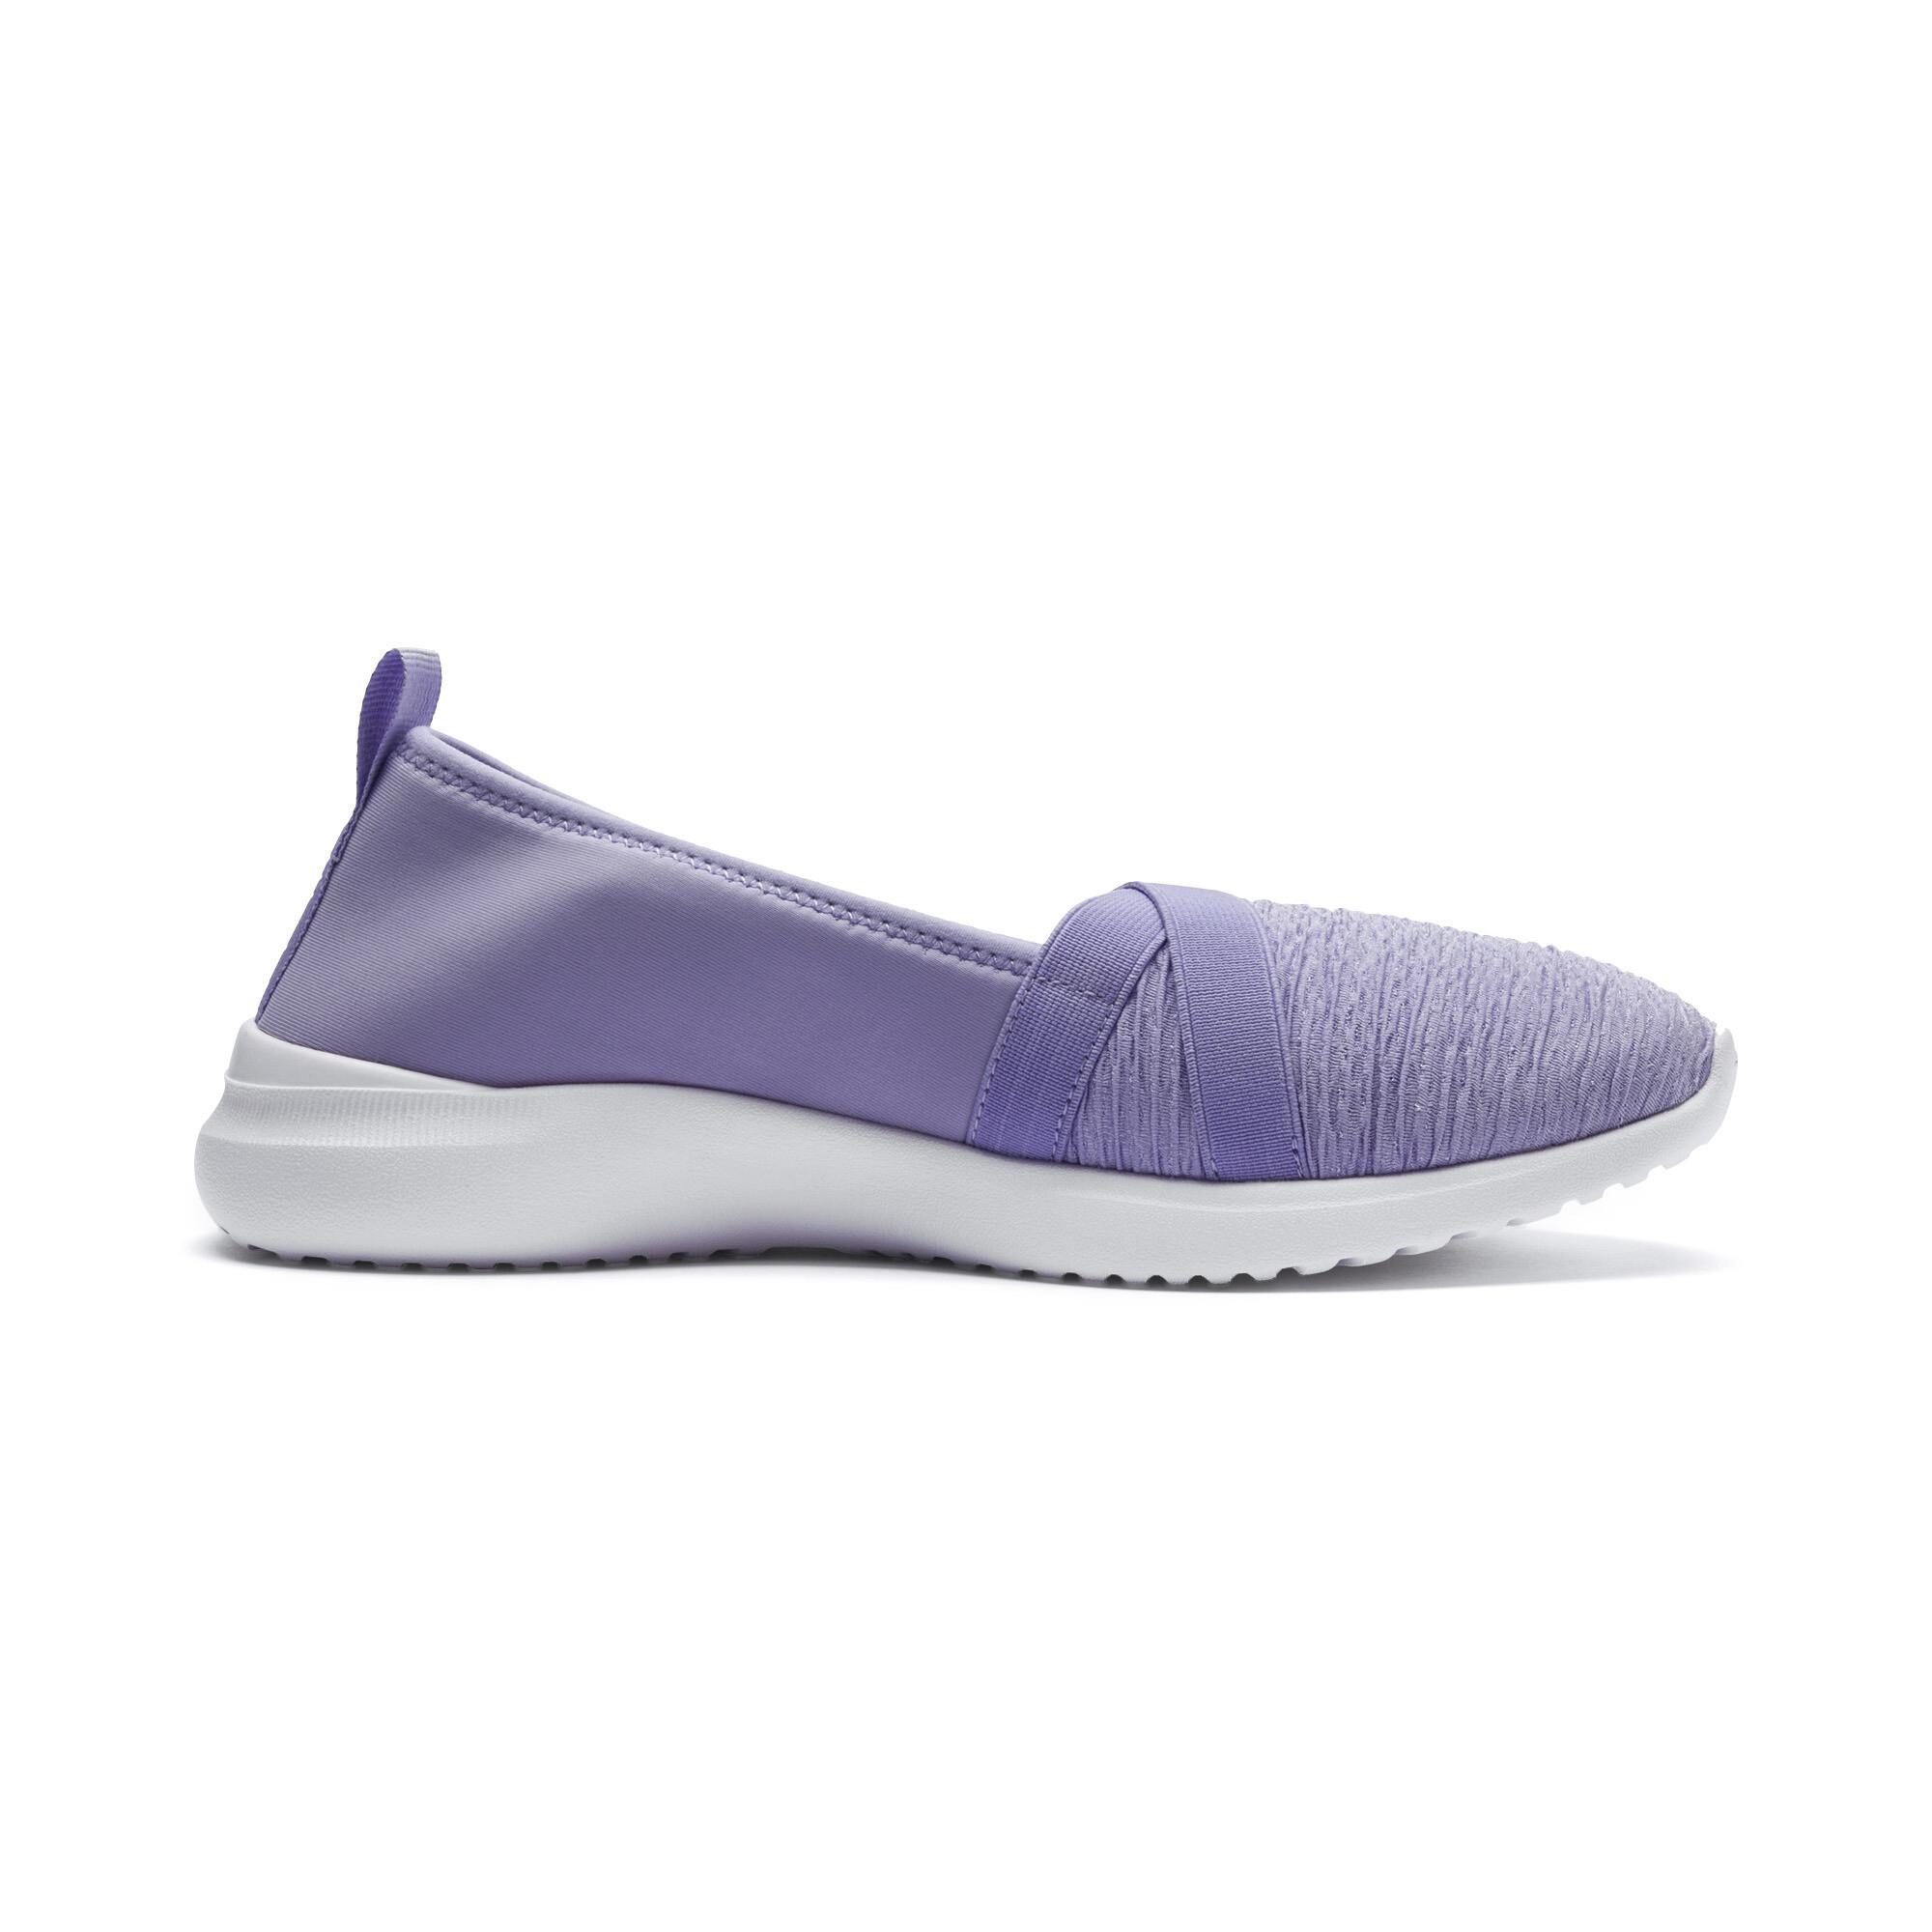 PUMA-Adelina-Women-s-Ballet-Shoes-Women-Shoe-Basics thumbnail 20